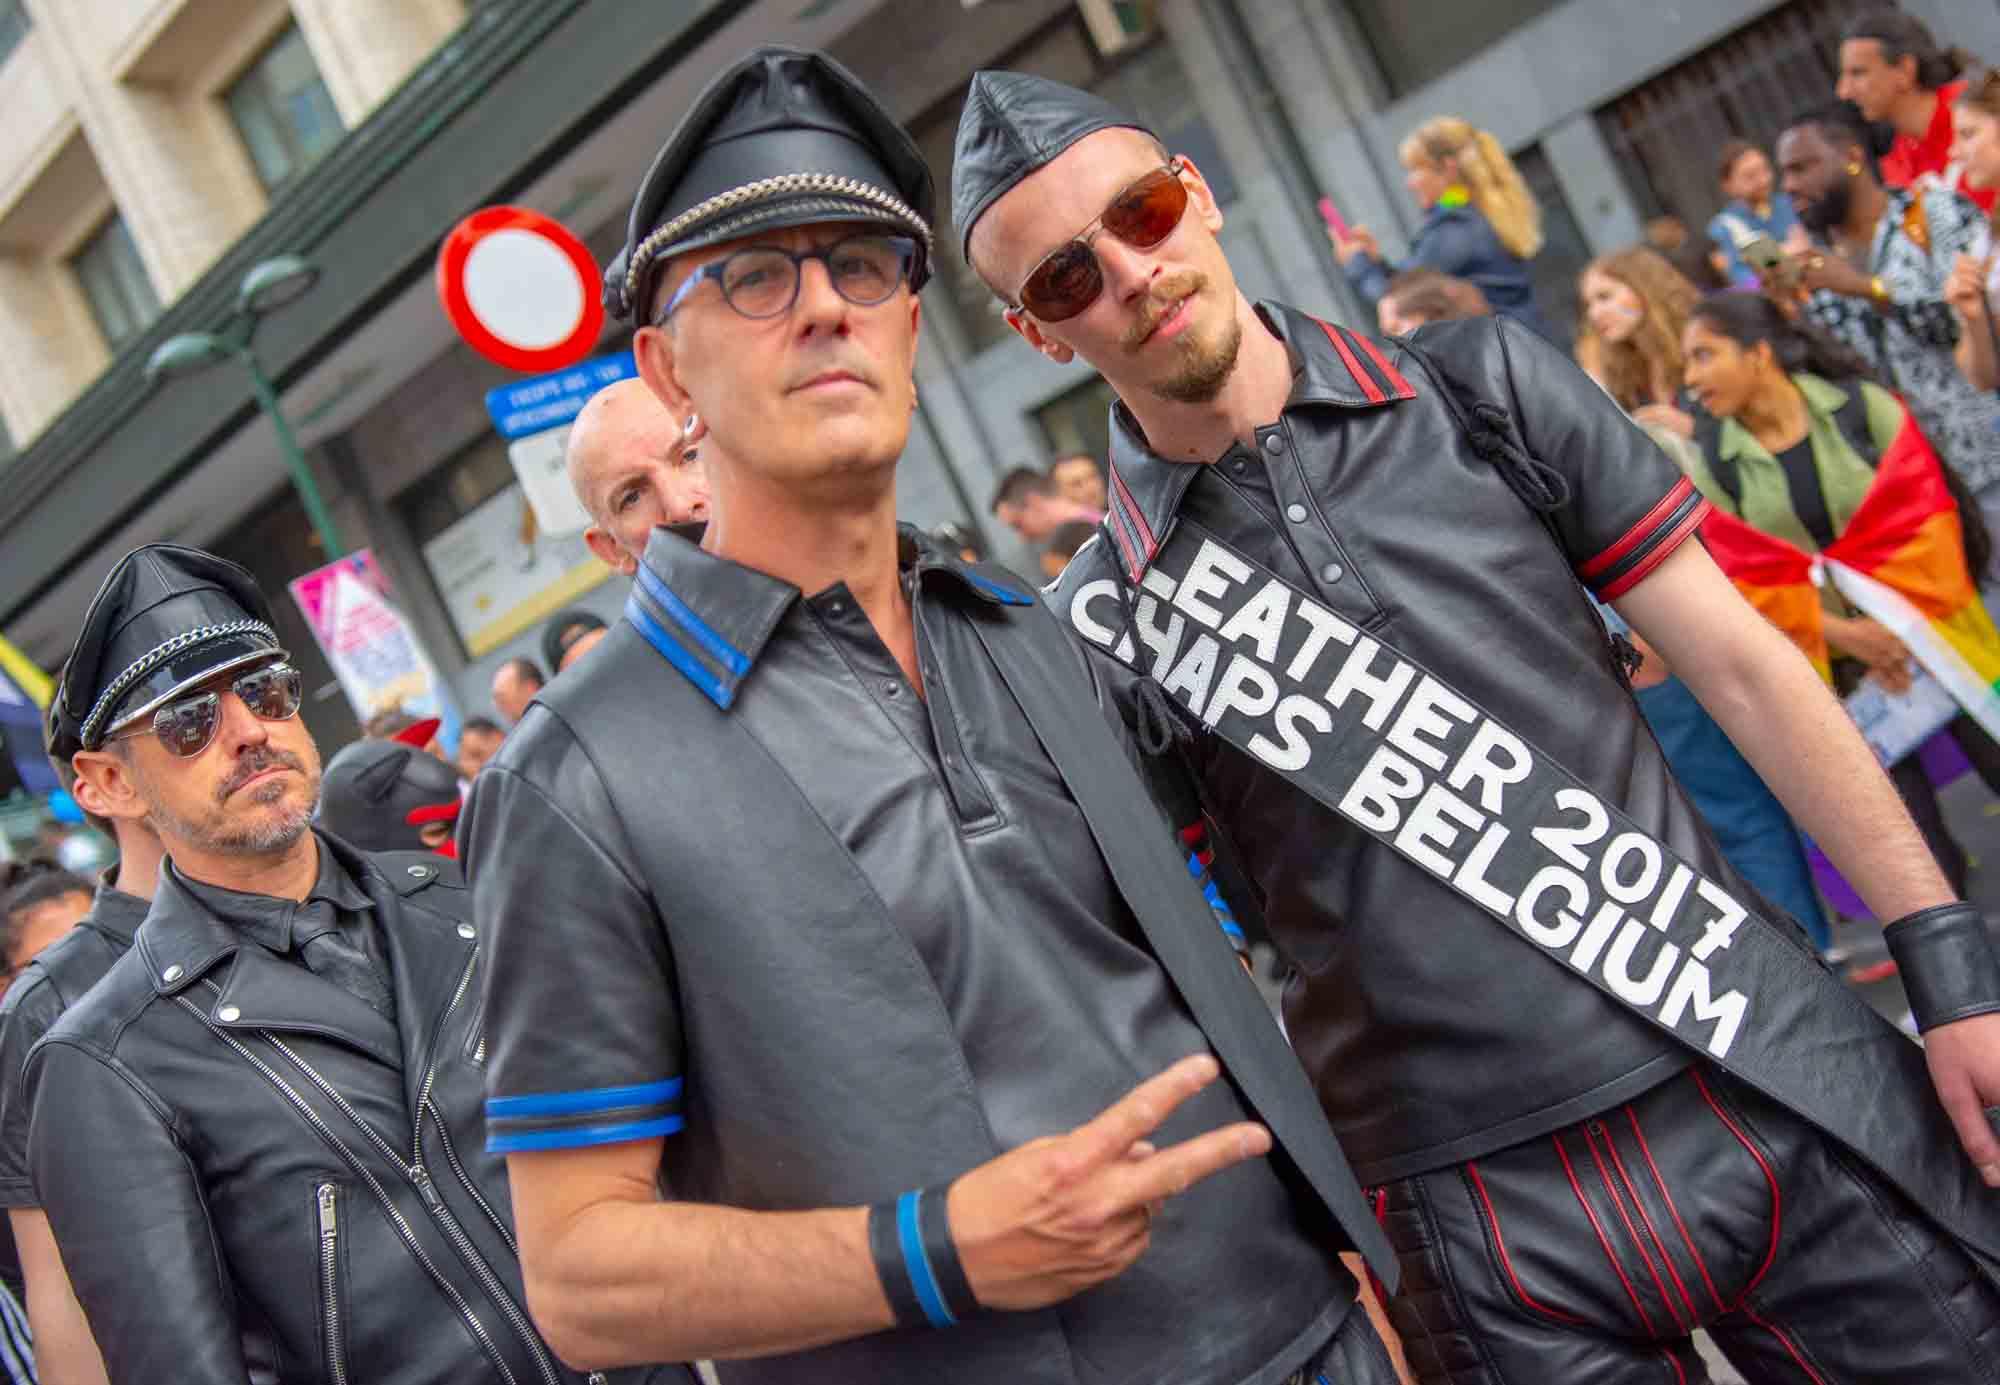 pride-brüssel-18-05-2019-_0036_Ebene 114